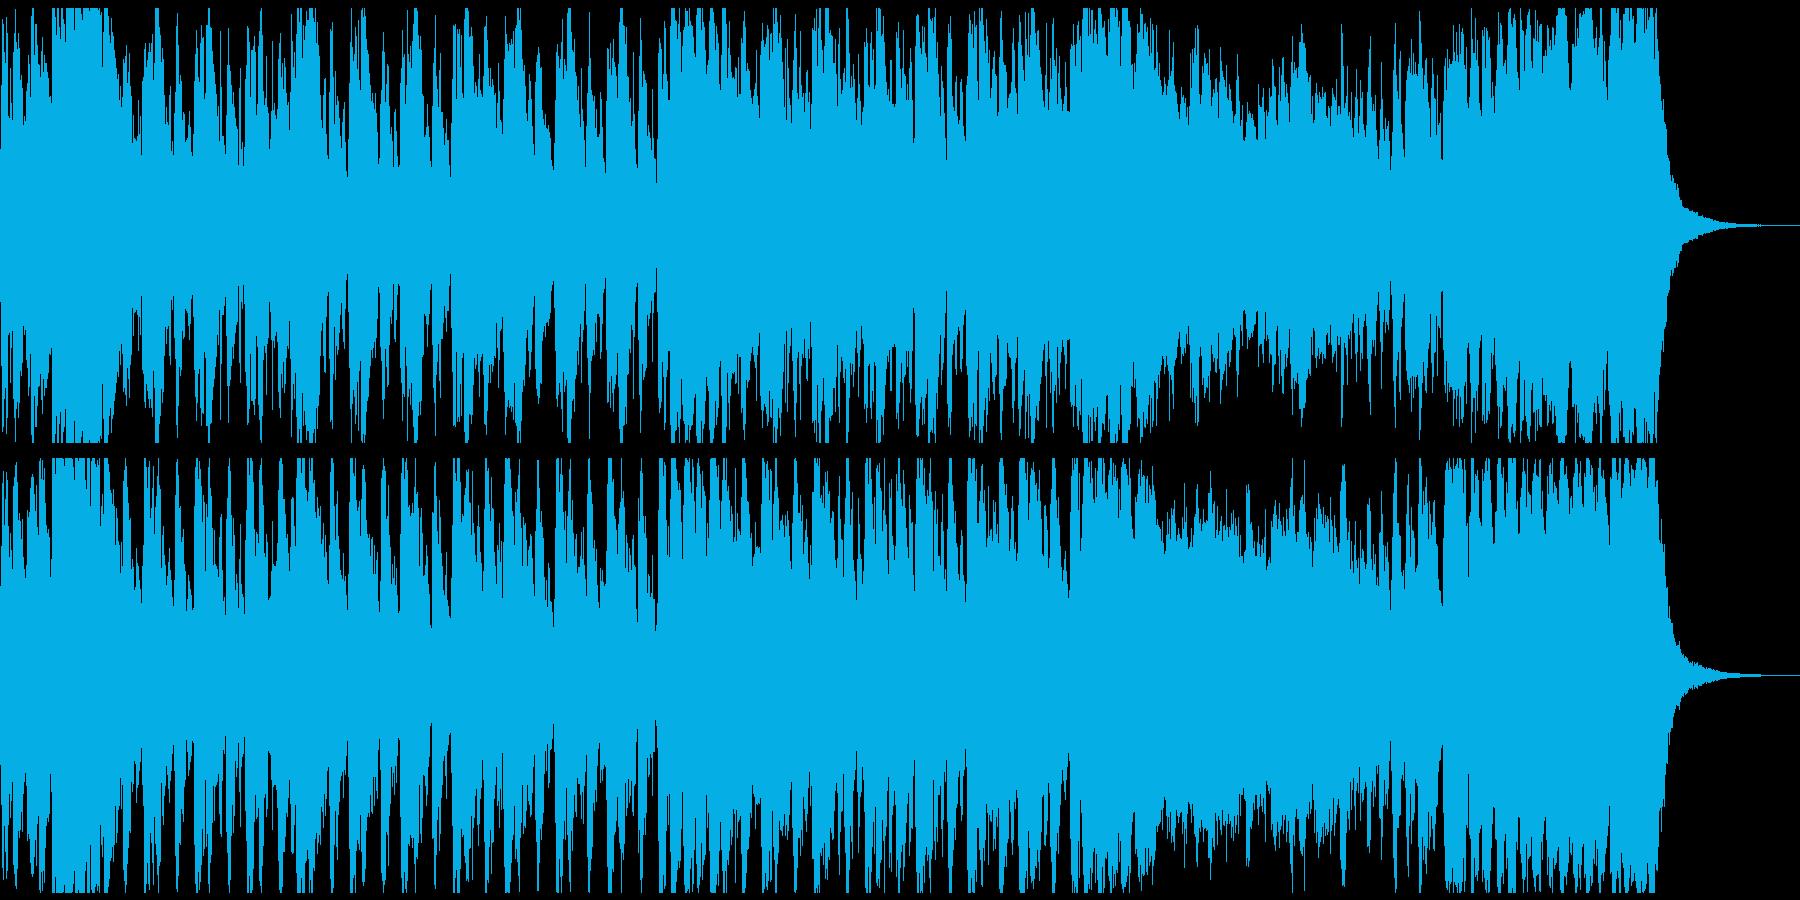 冒険RPGのOP風オケ 約60秒メロ抜きの再生済みの波形